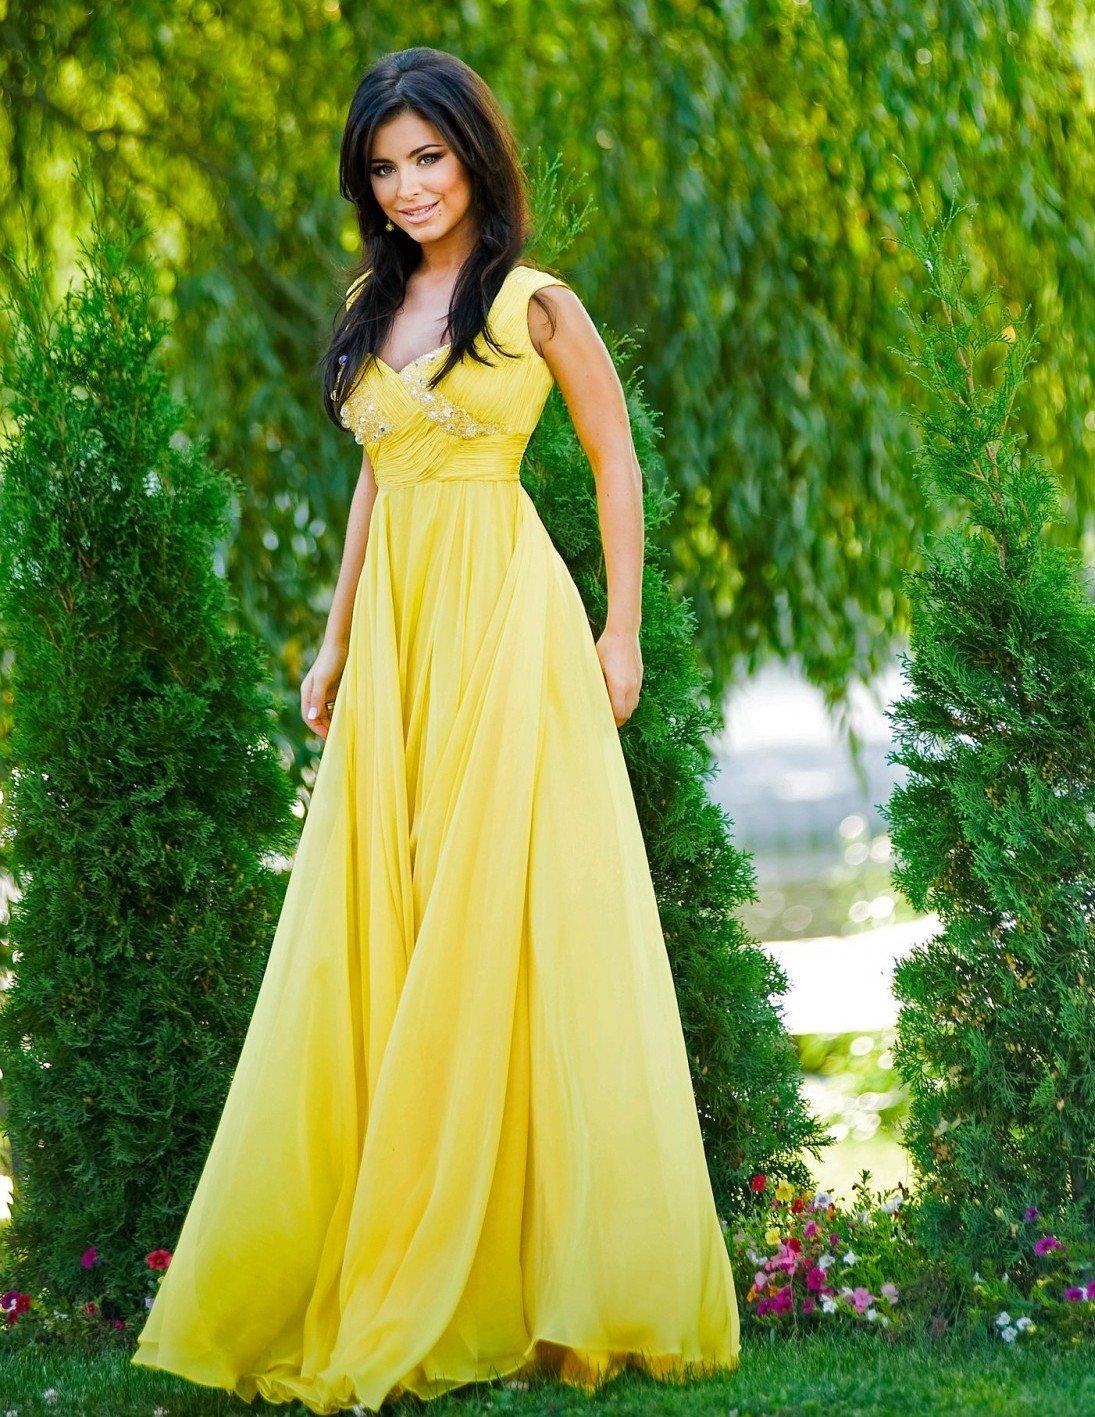 очень красивая девушка в желтом платье - 2